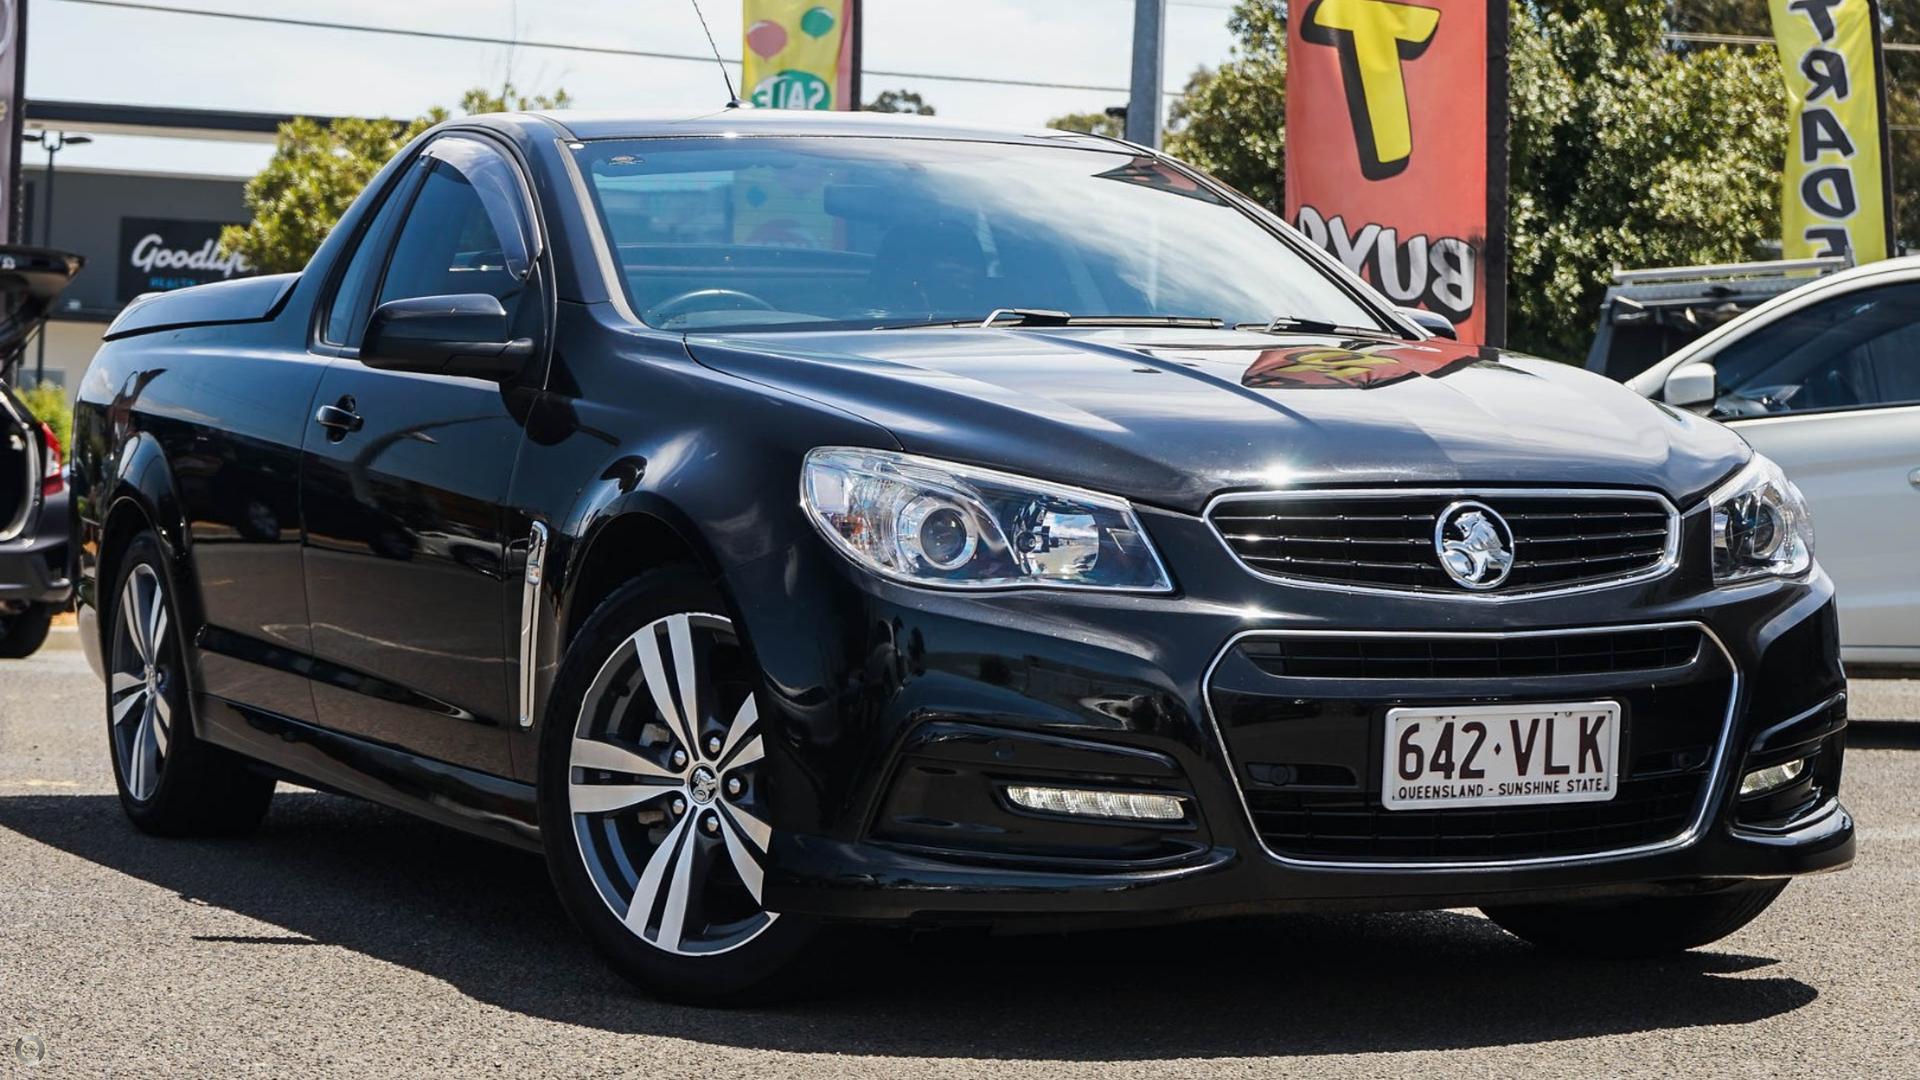 2015 Holden Ute Sv6